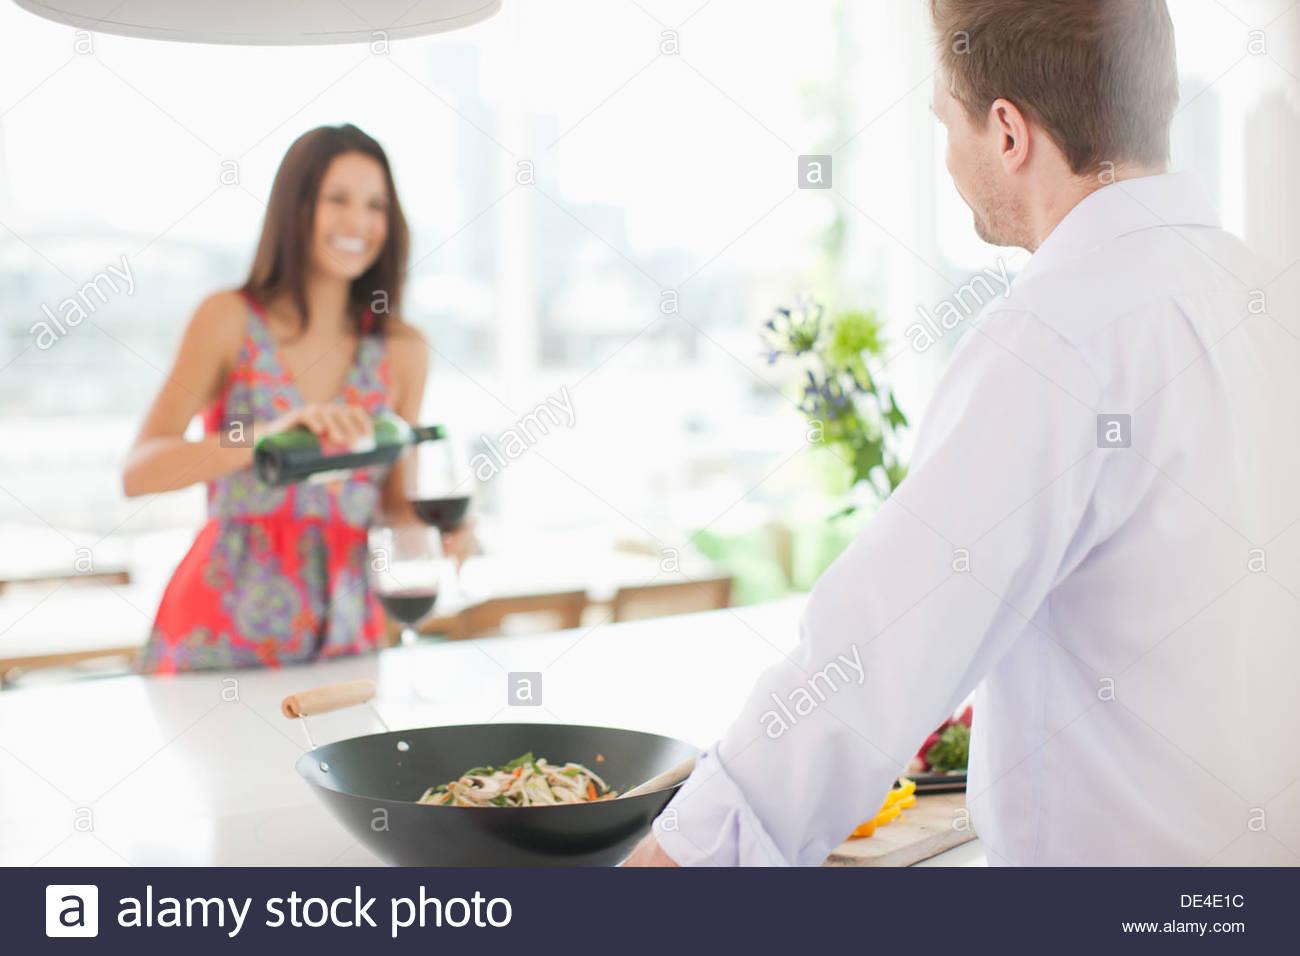 Paar, toasten in der Küche mit Rotwein Stockbild